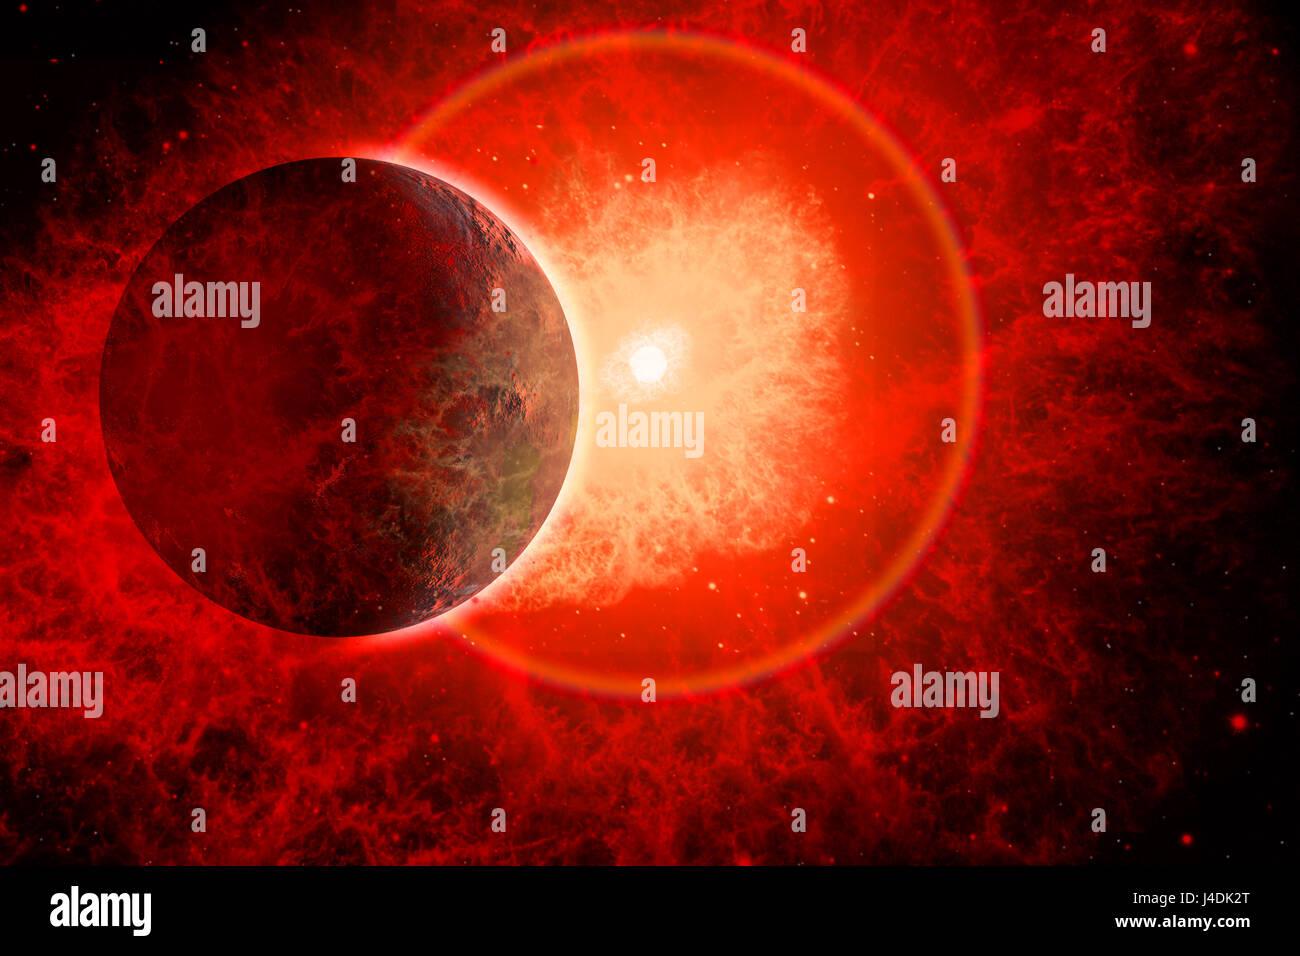 Supernova - Stock Image